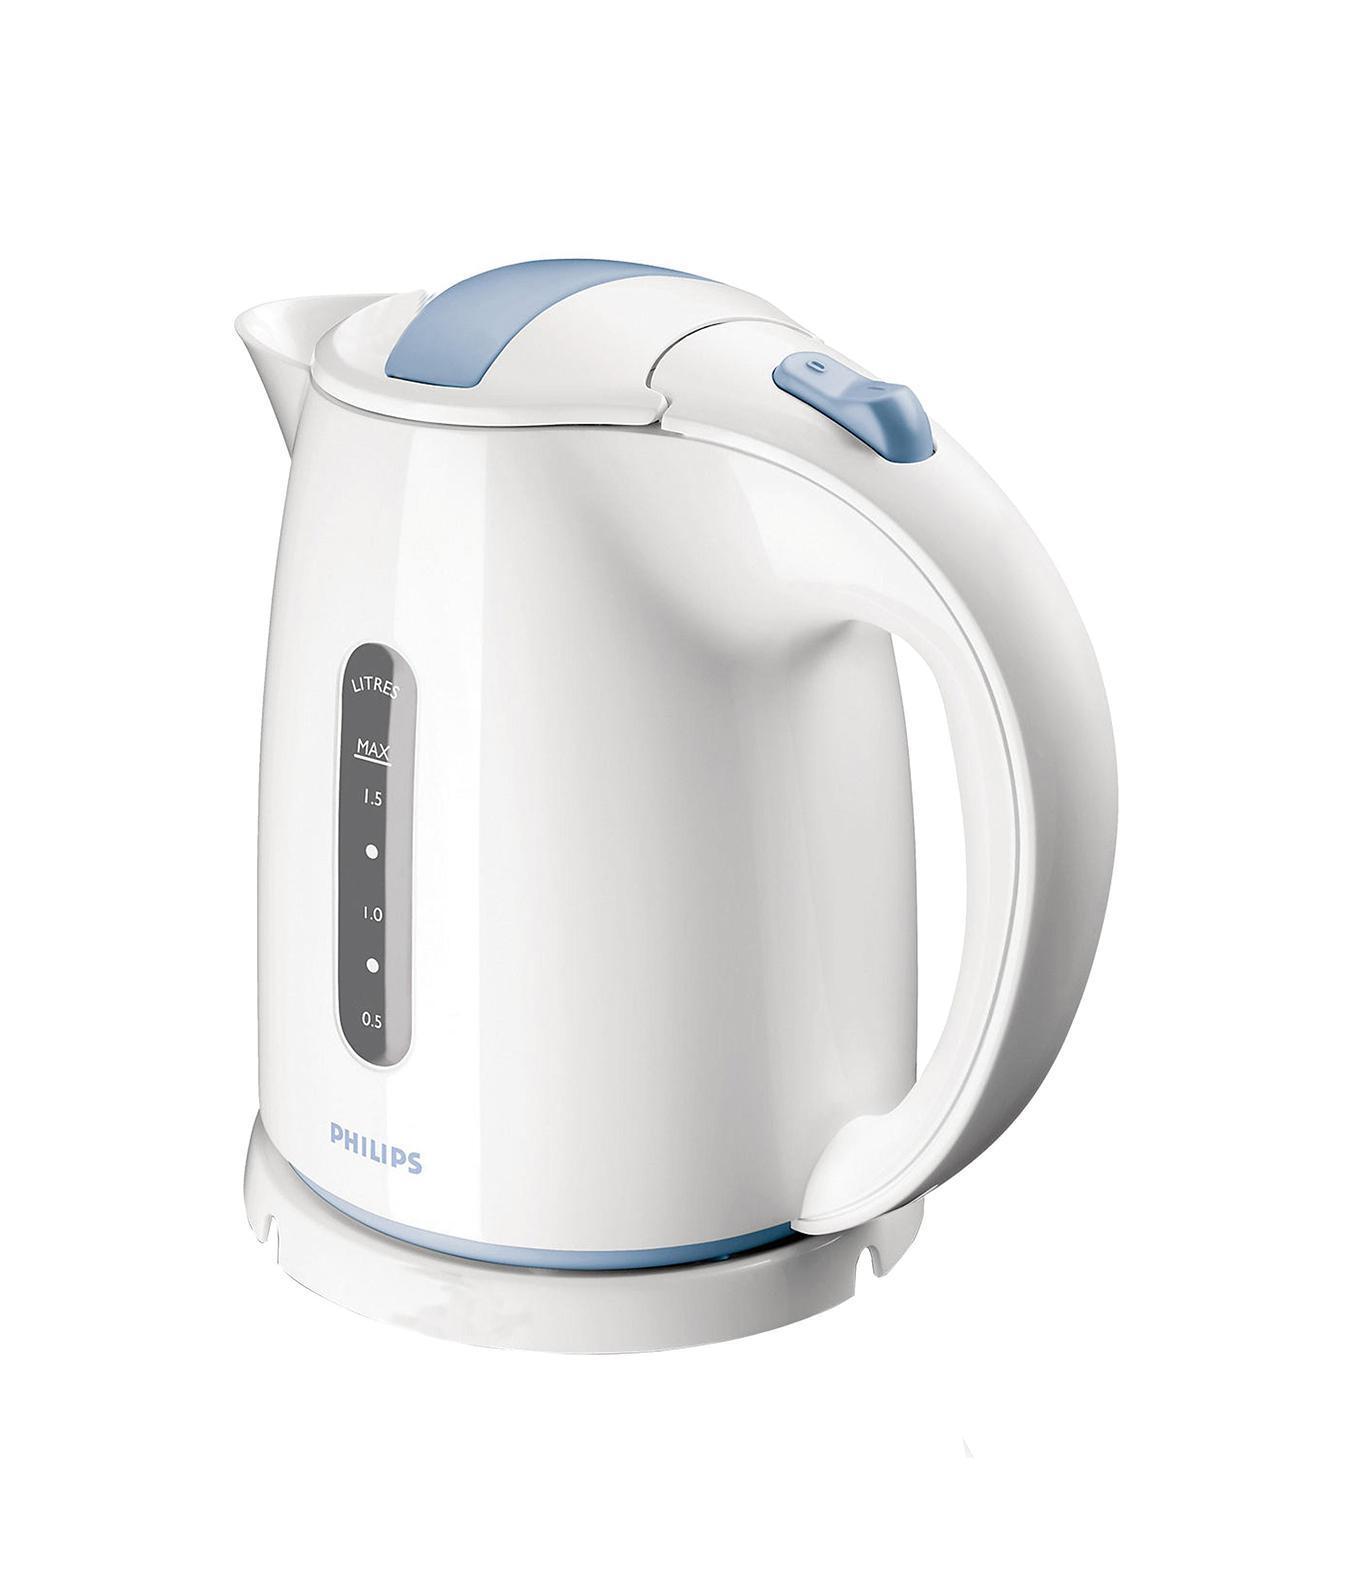 Электрический чайник Philips. Уцененный товар